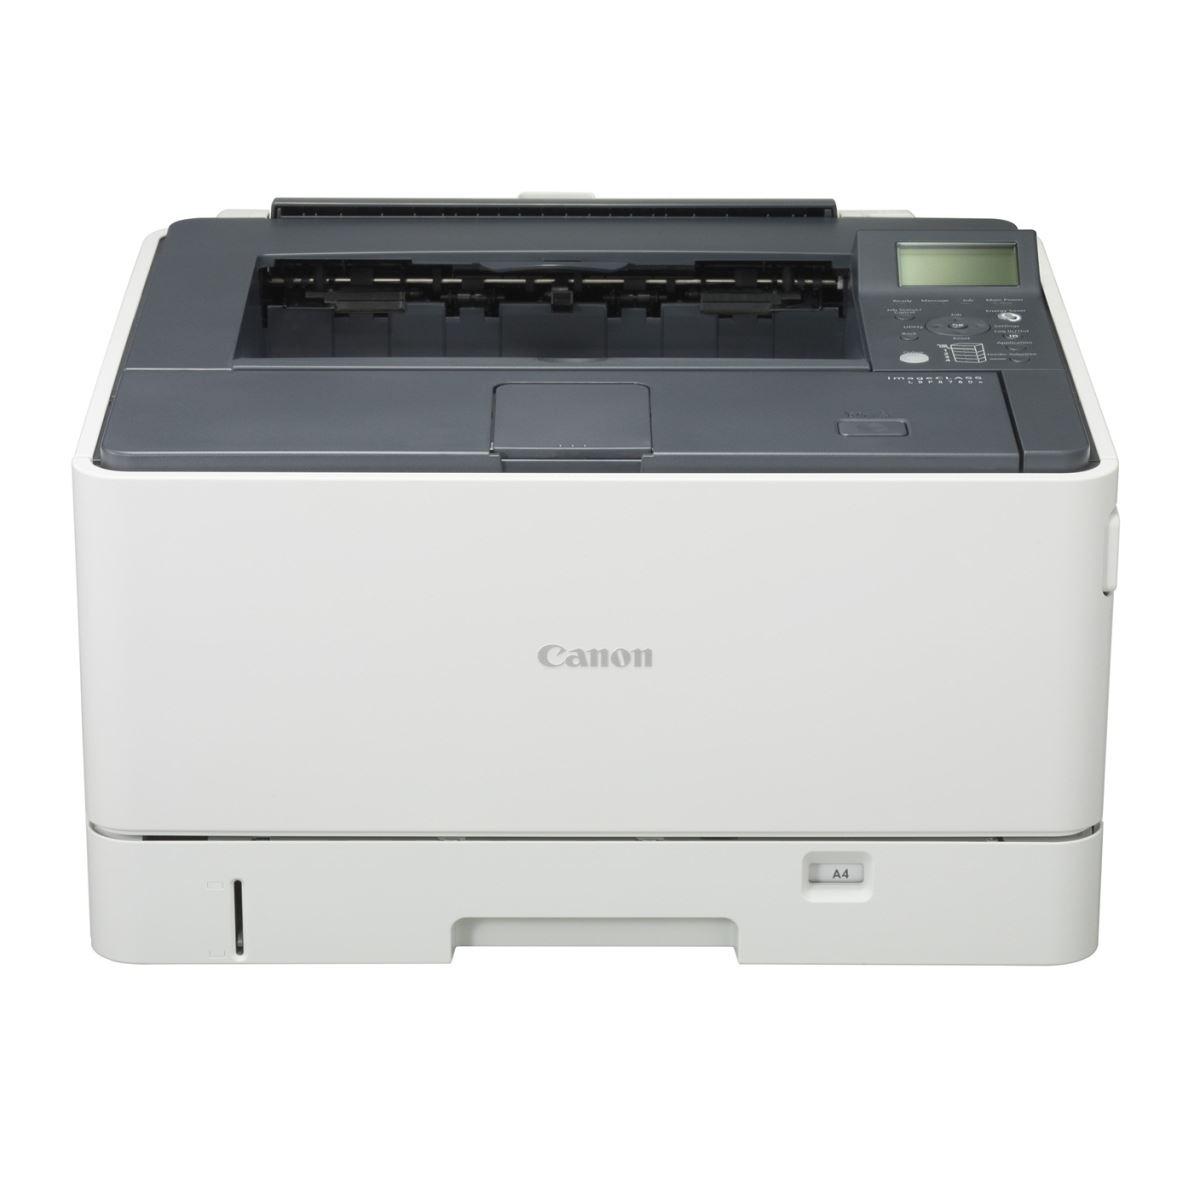 Máy in A3 Canon 8780x và 5 tính năng nổi bật cần biết trước khi mua